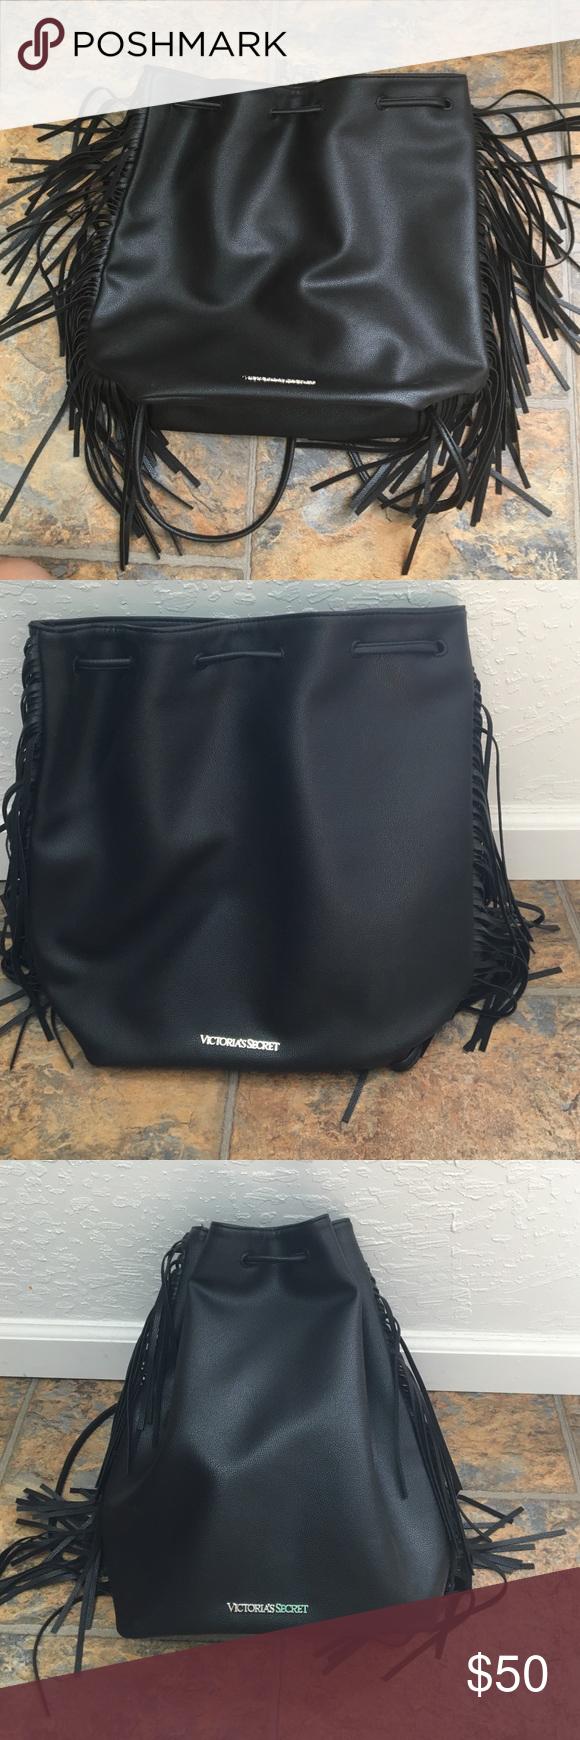 Victoria's Secret black leather fringe drawstring Victoria's Secret black leather fringe drawstring Victoria's Secret Bags Backpacks